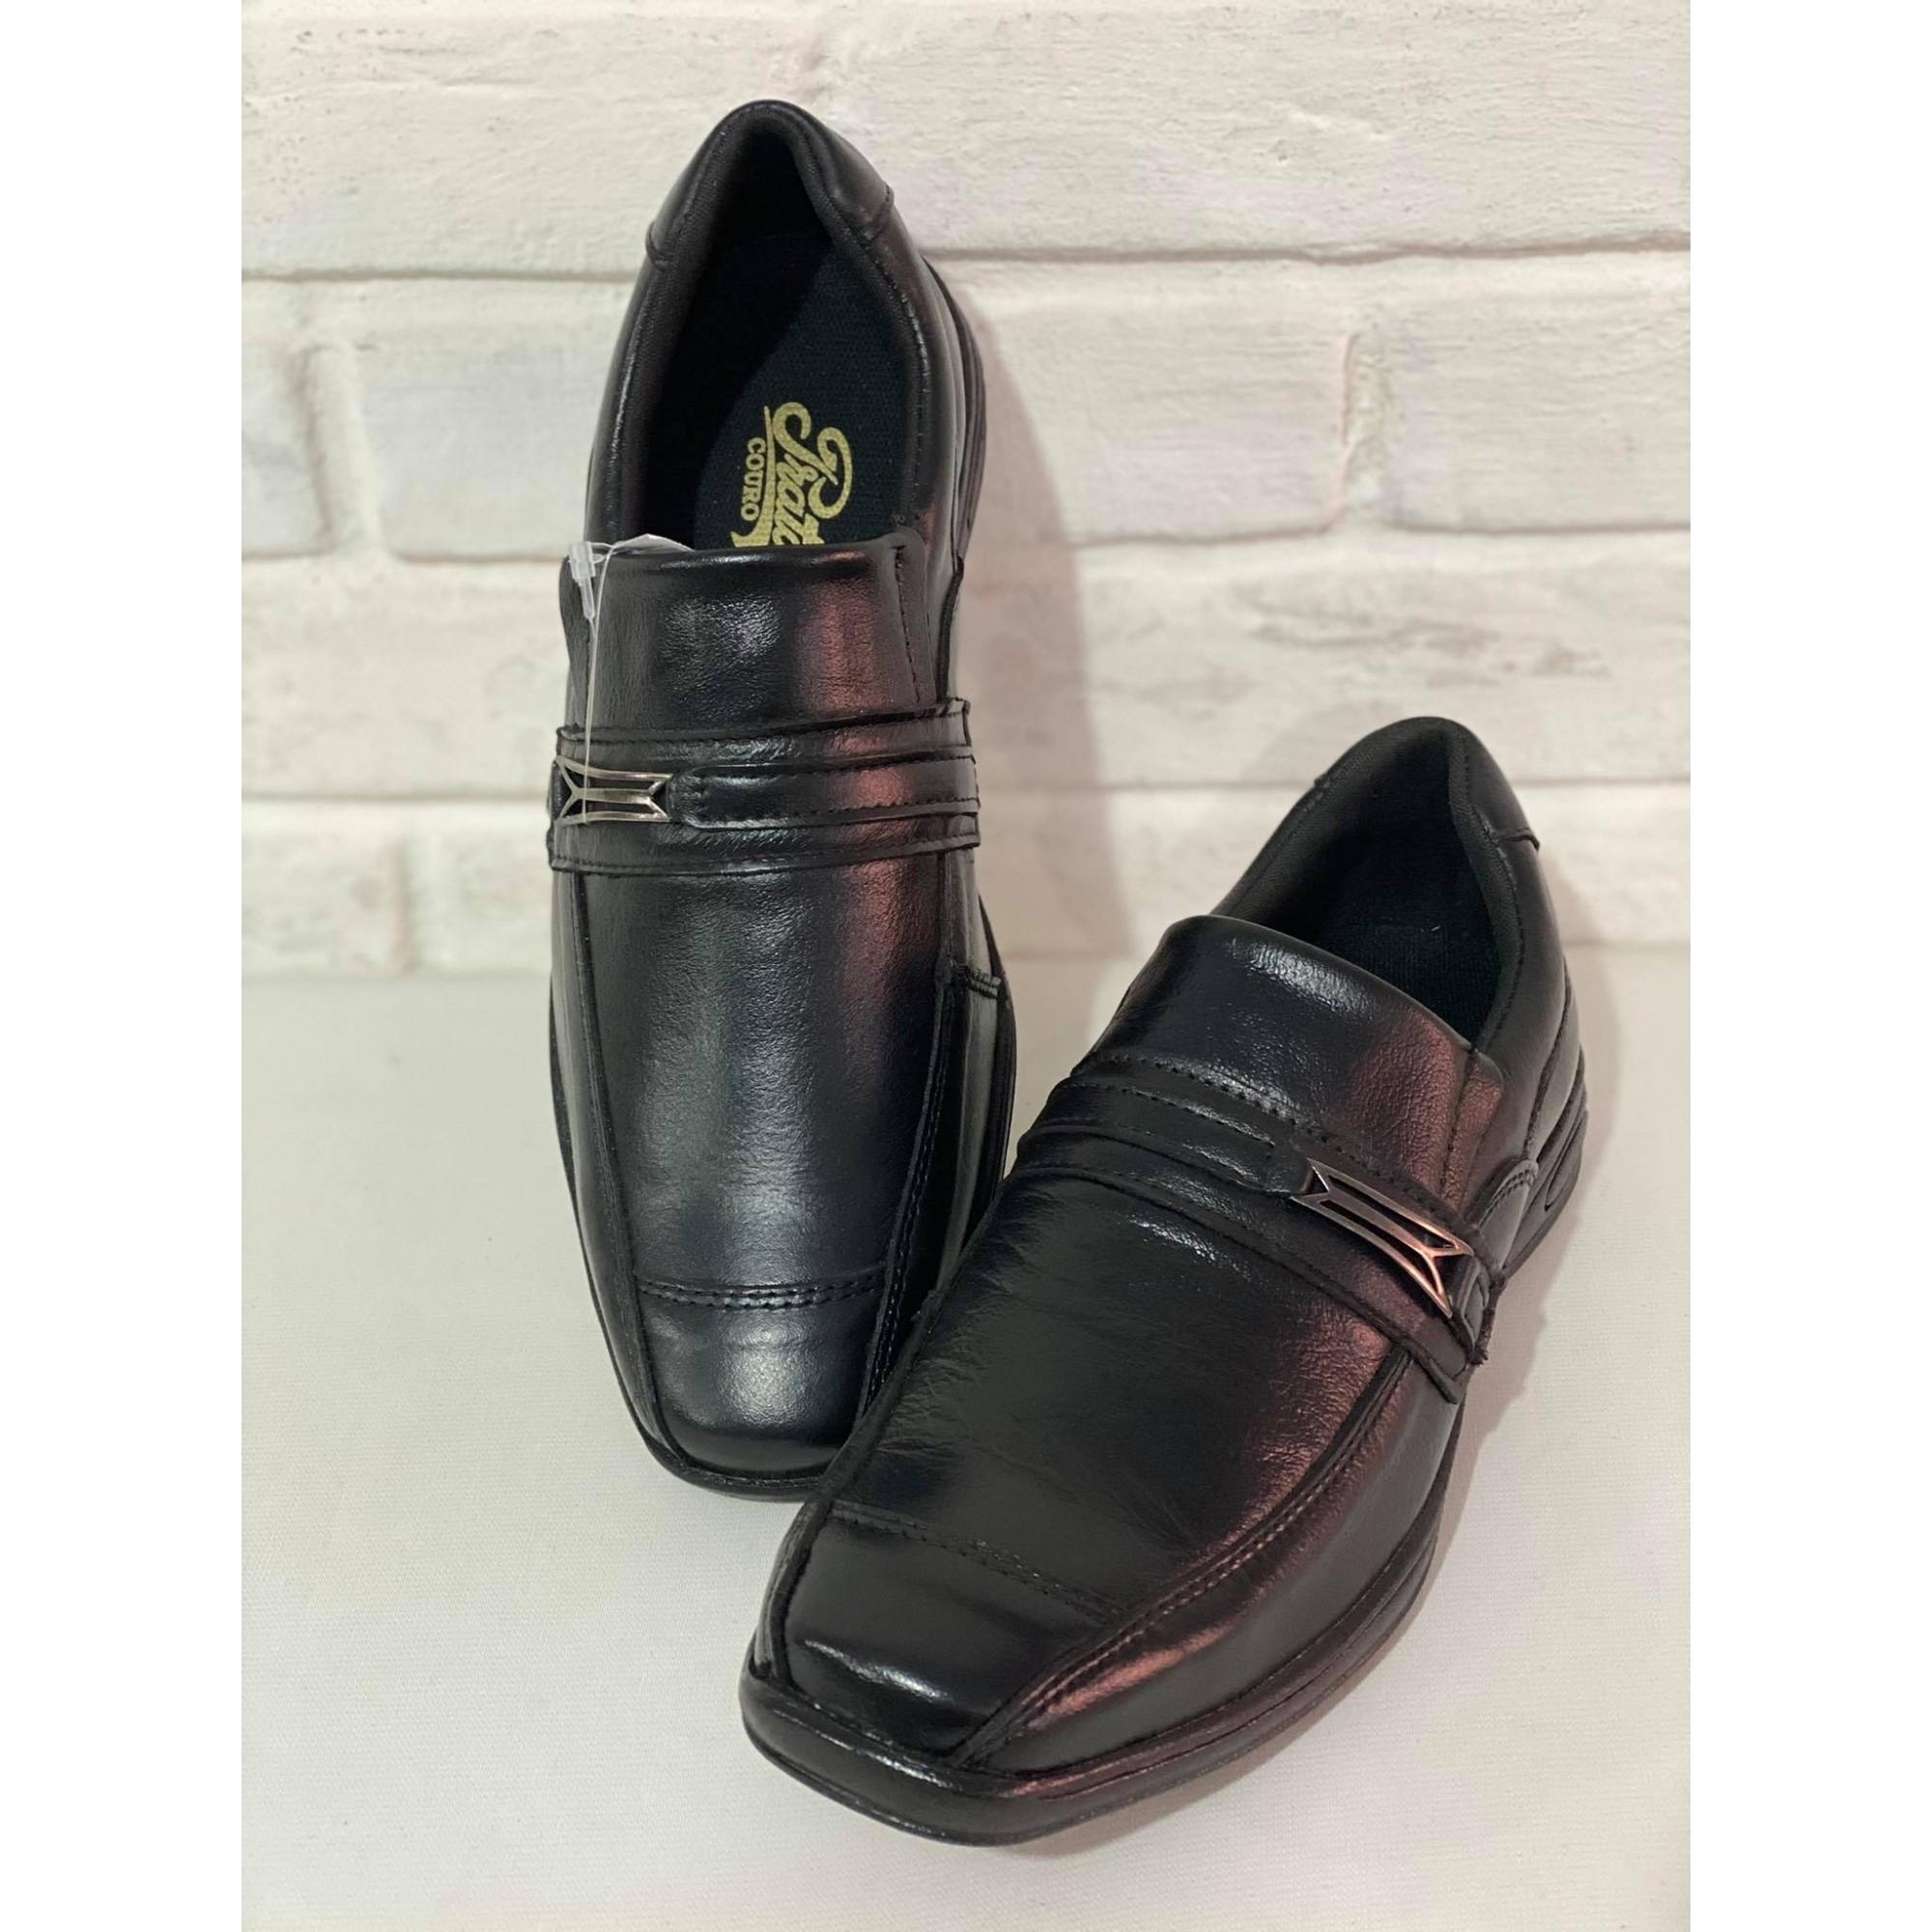 Sapato Masculino Prata Couro Floater Preto 1010240